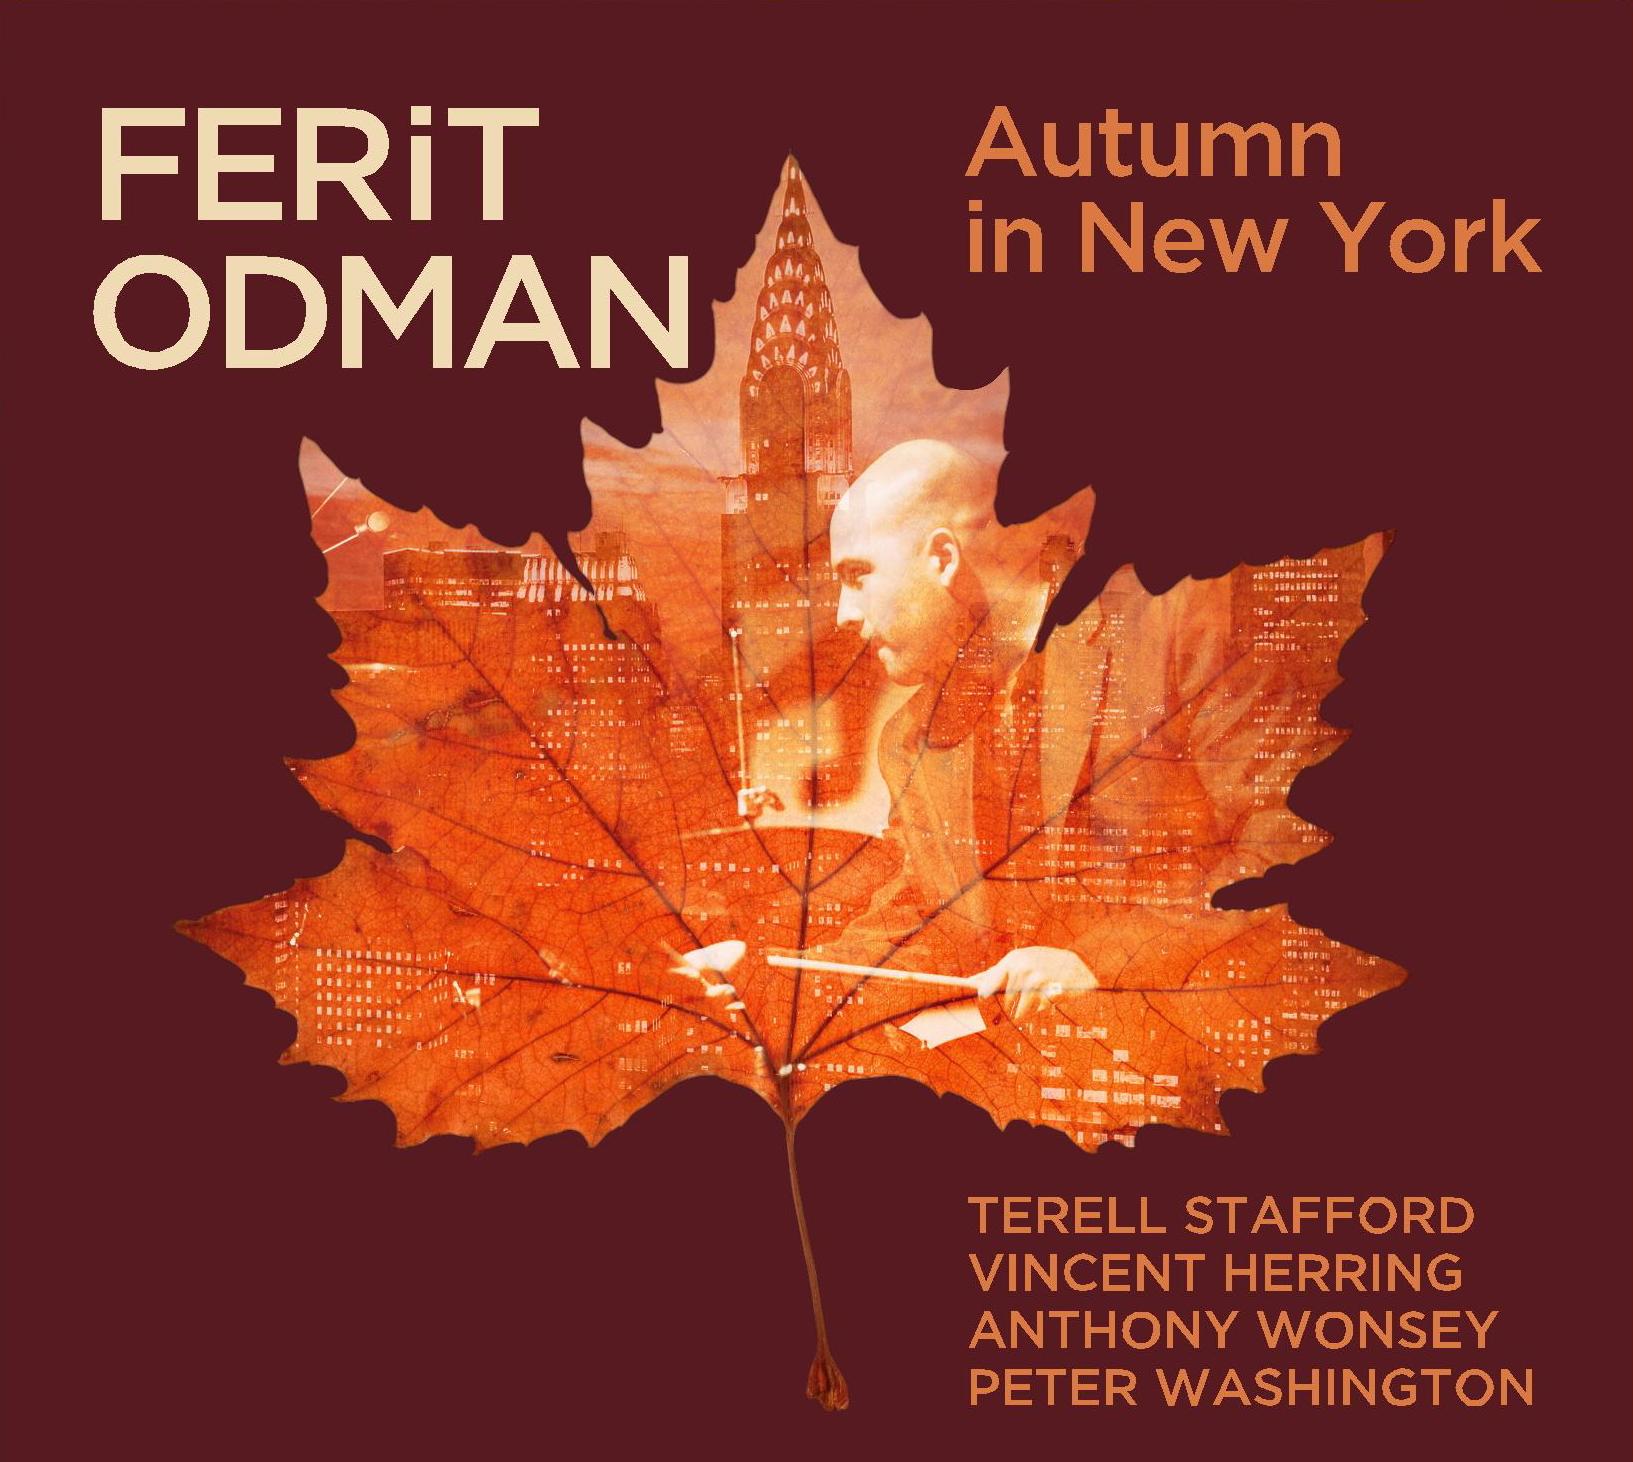 Ferit Odman - Autumn in New York (2011)